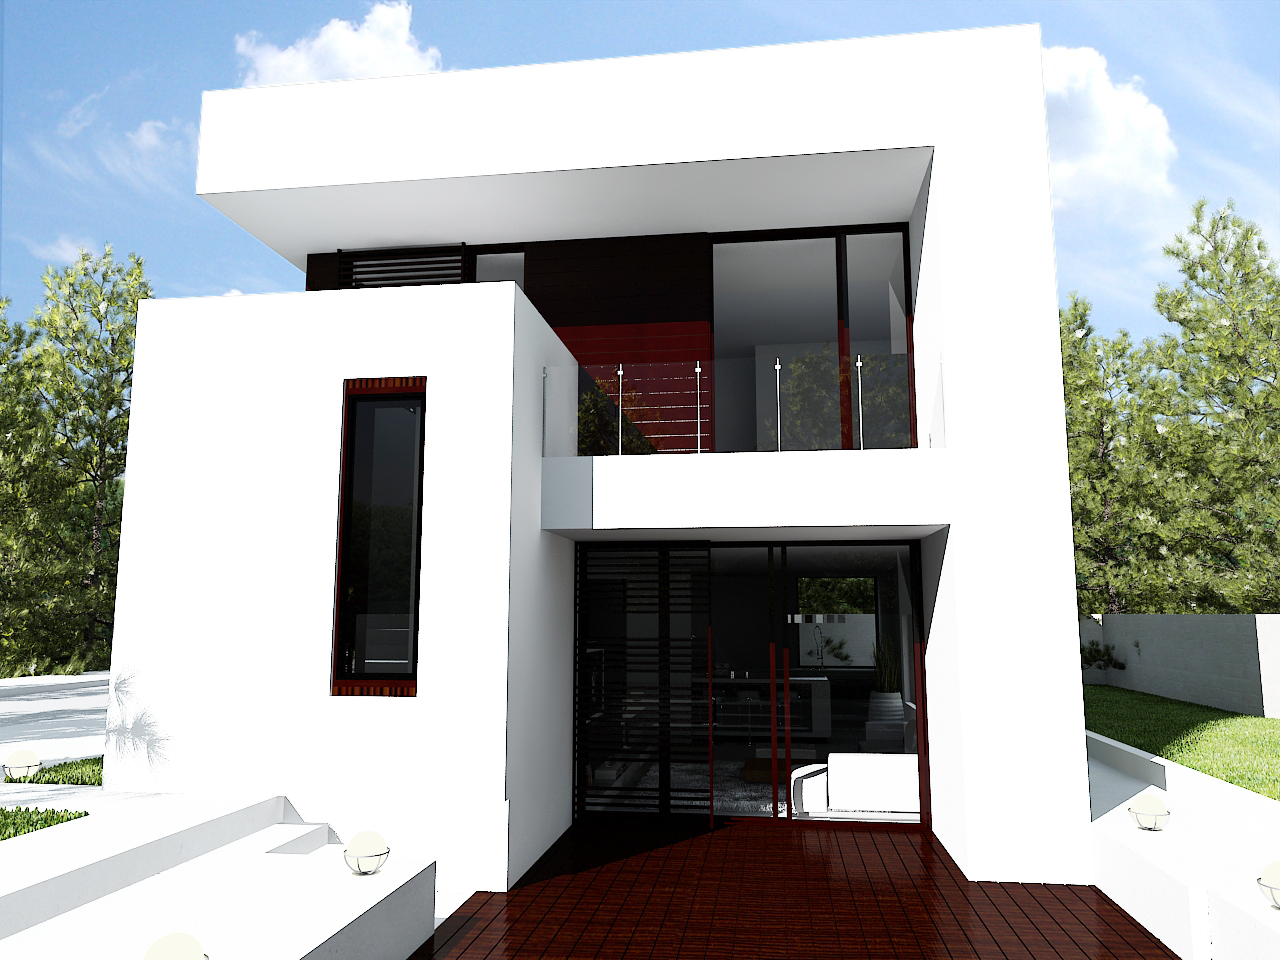 Casa moderna aw 008 proiect casa 13 arhipura for Case moderne